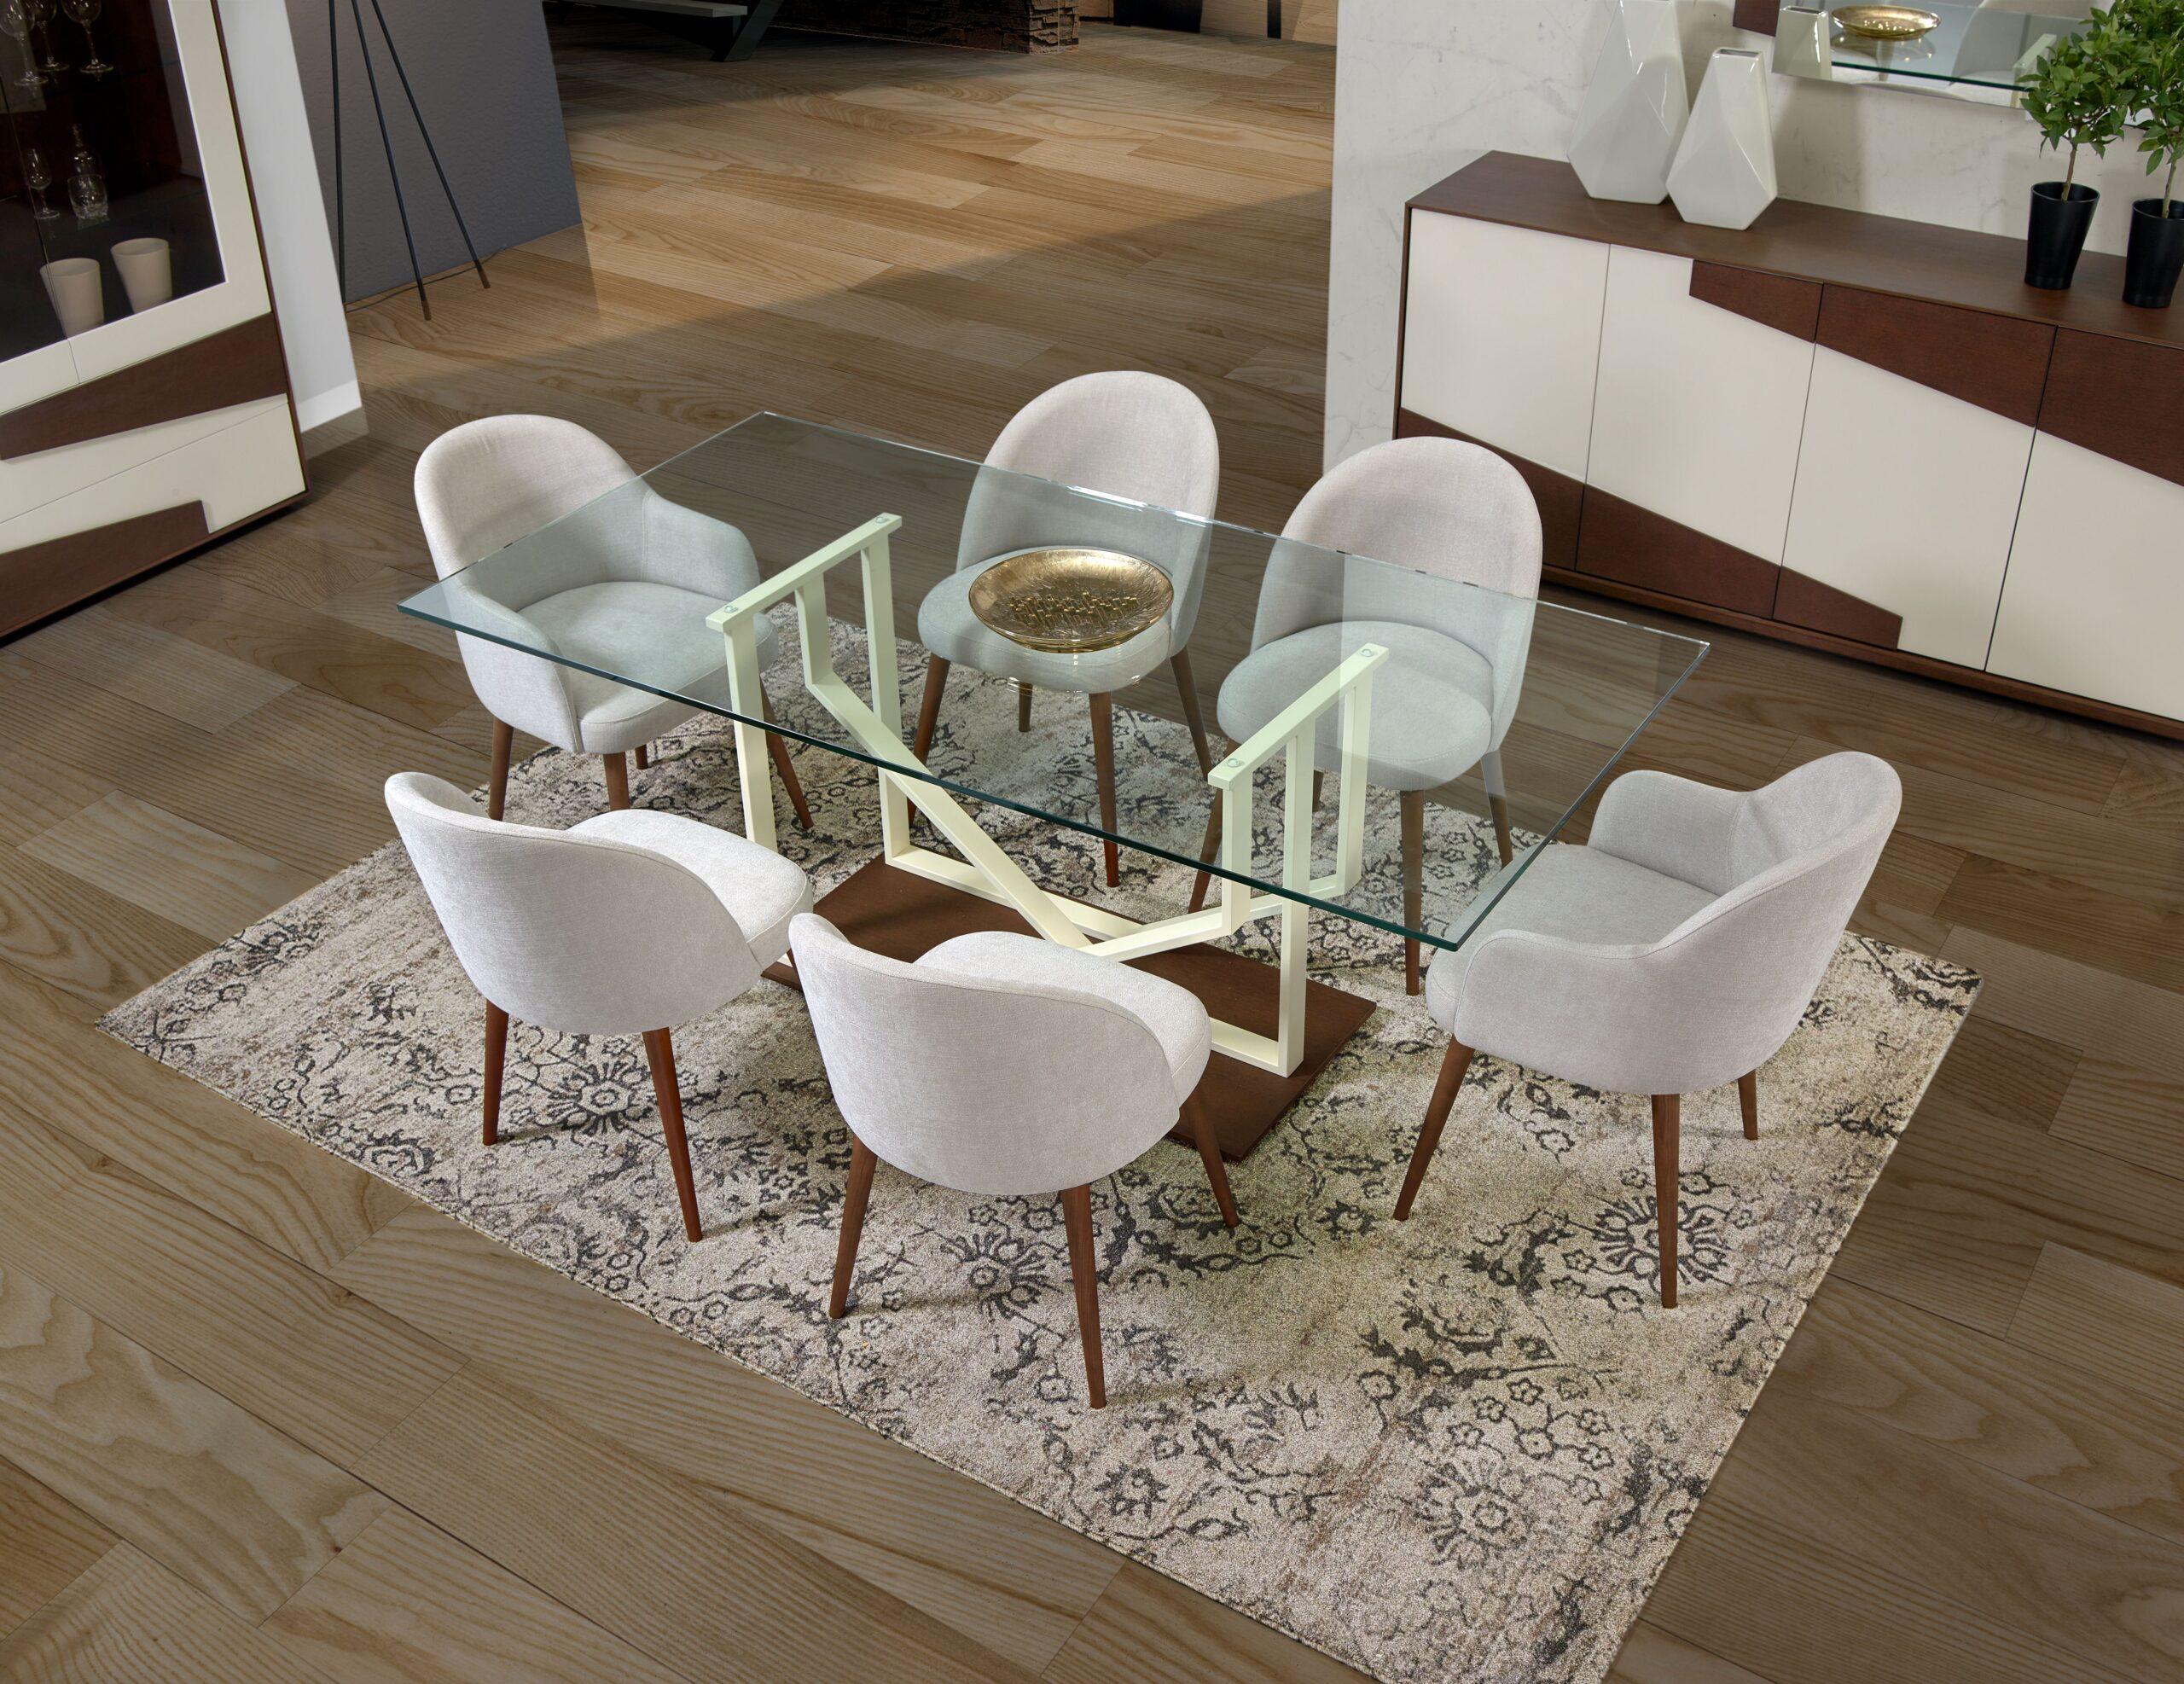 Mesa em vidro com cadeirões de mesa jantar